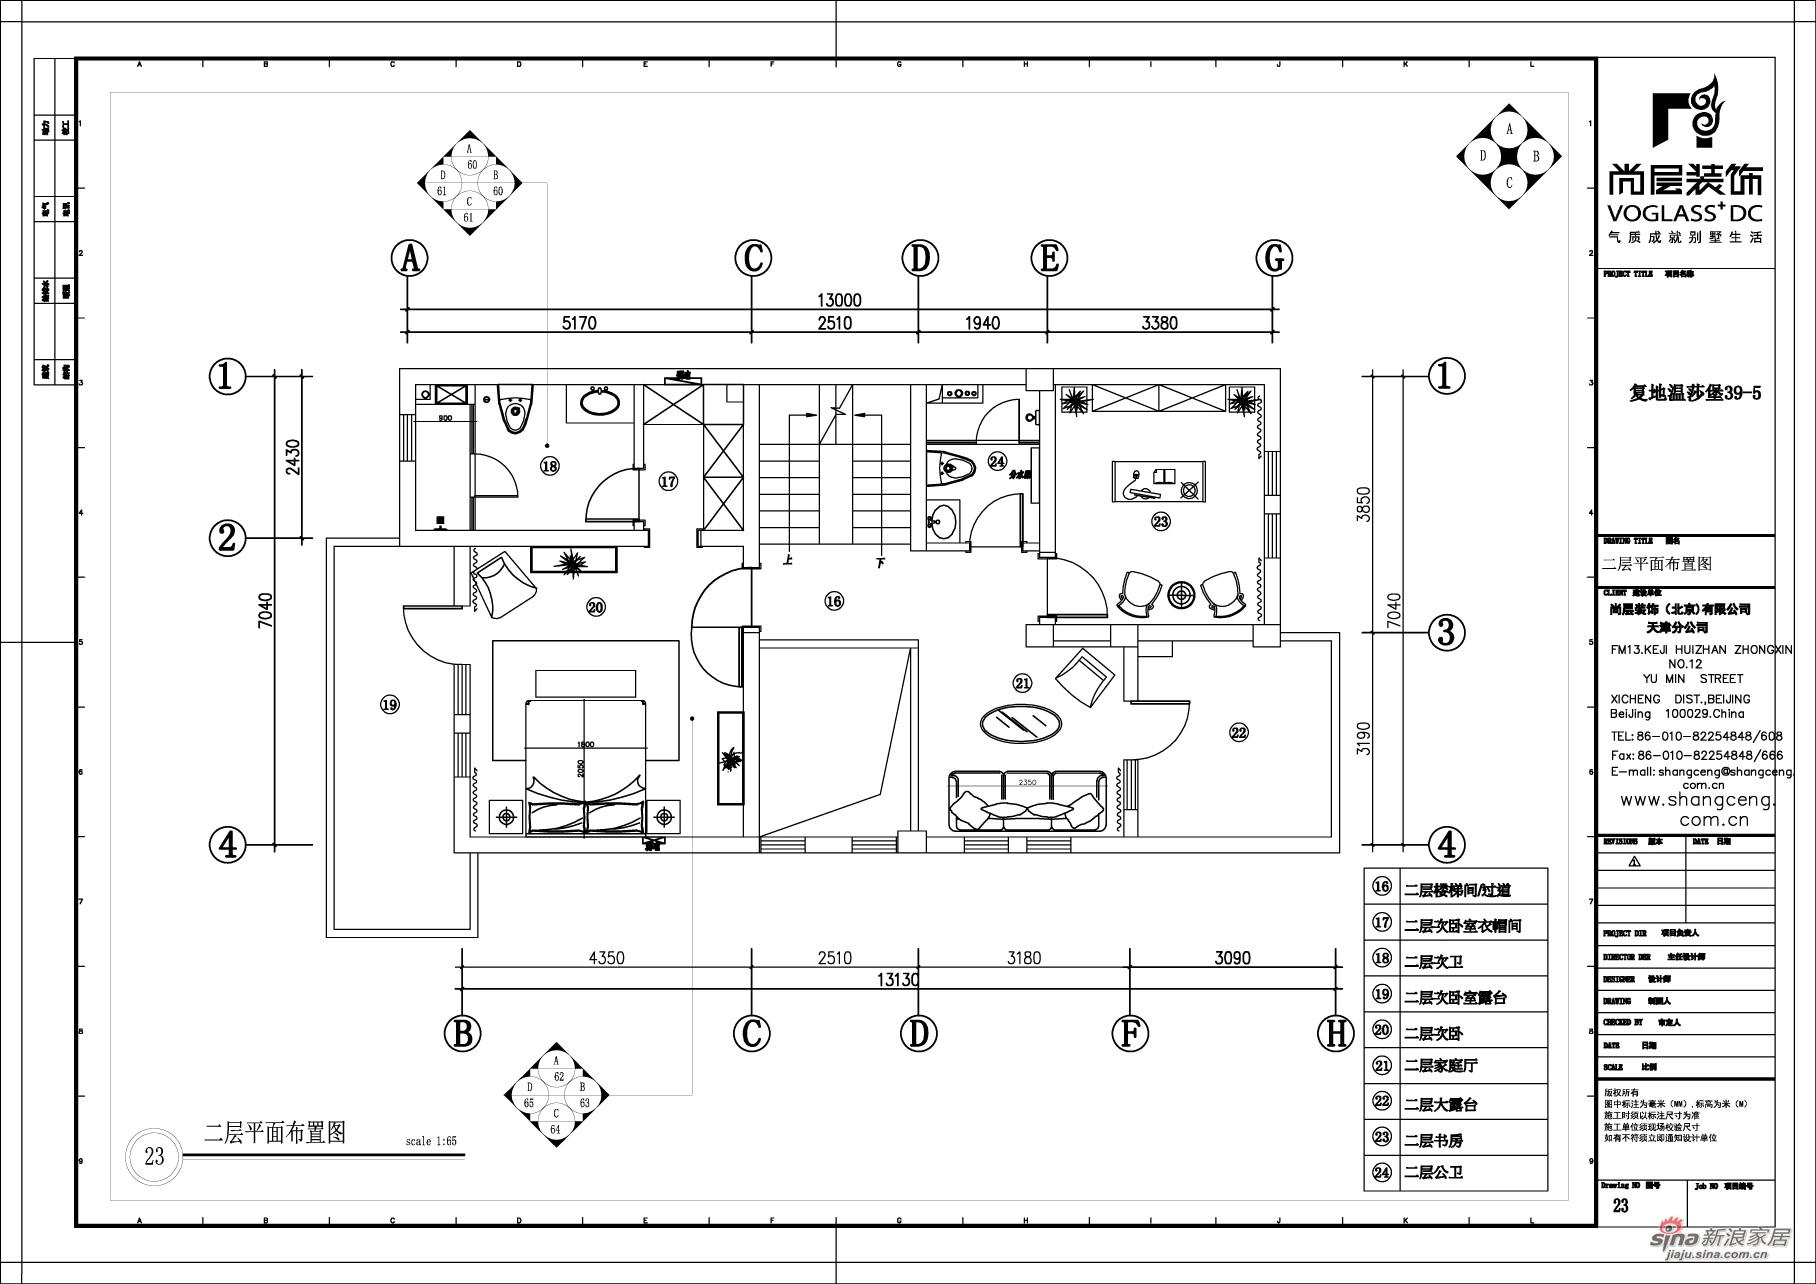 手机装修设计效果图单手拿别墅设计素材图片